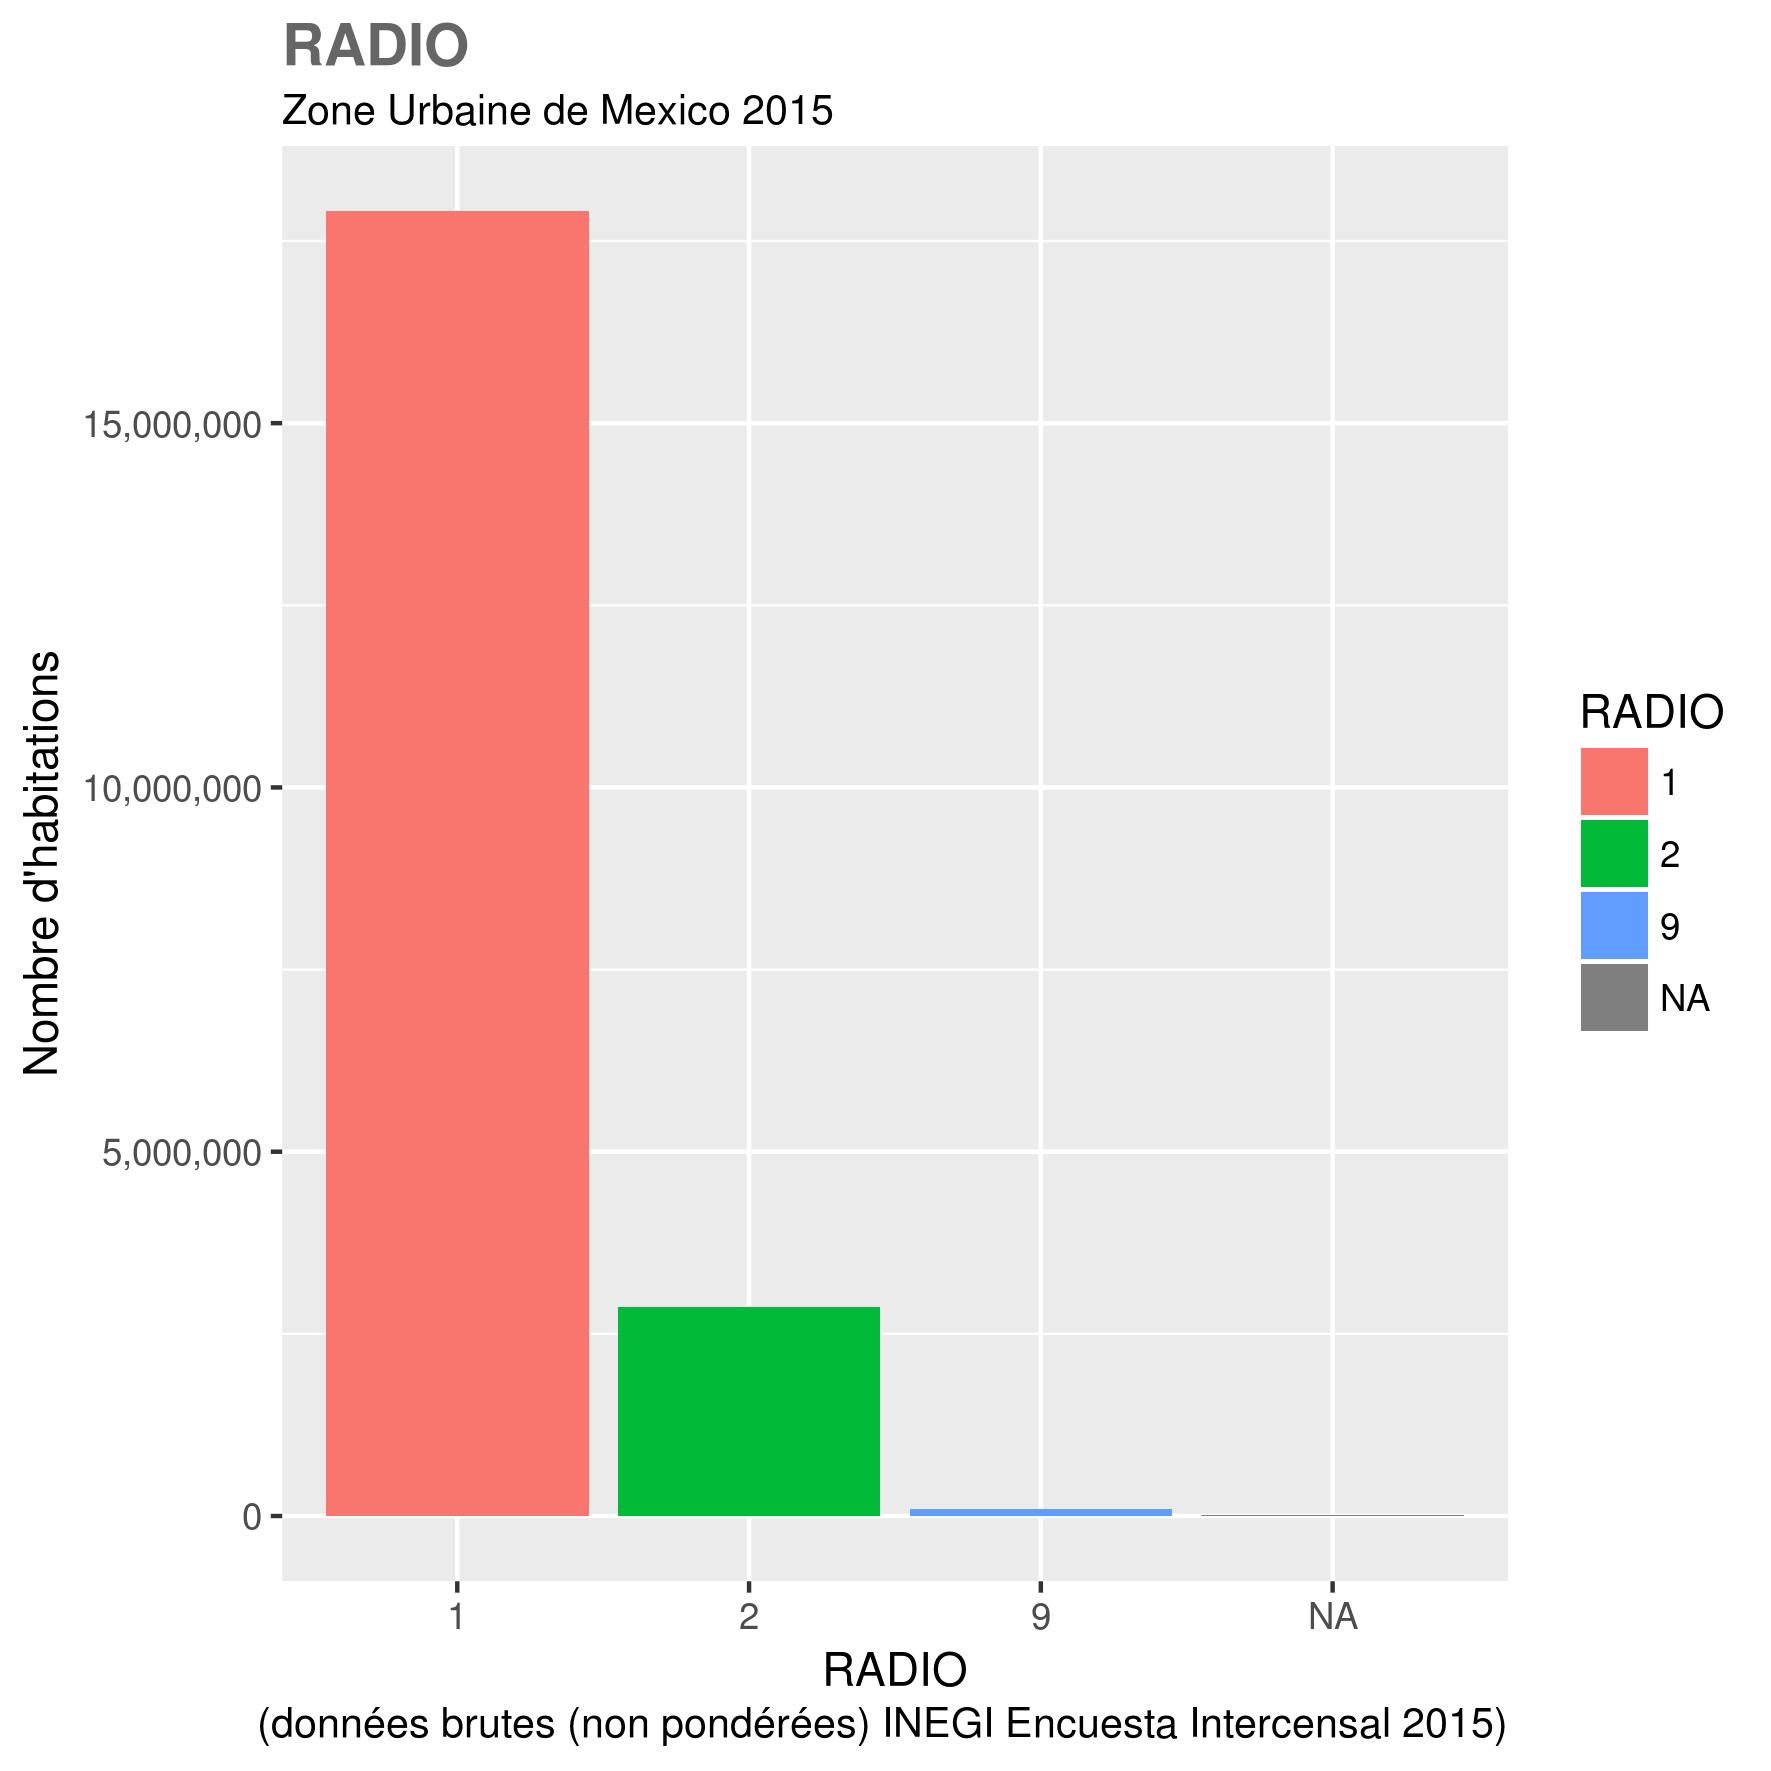 docs/images/ZUM_toutes_variables/2015_ZUM_RADIO.png